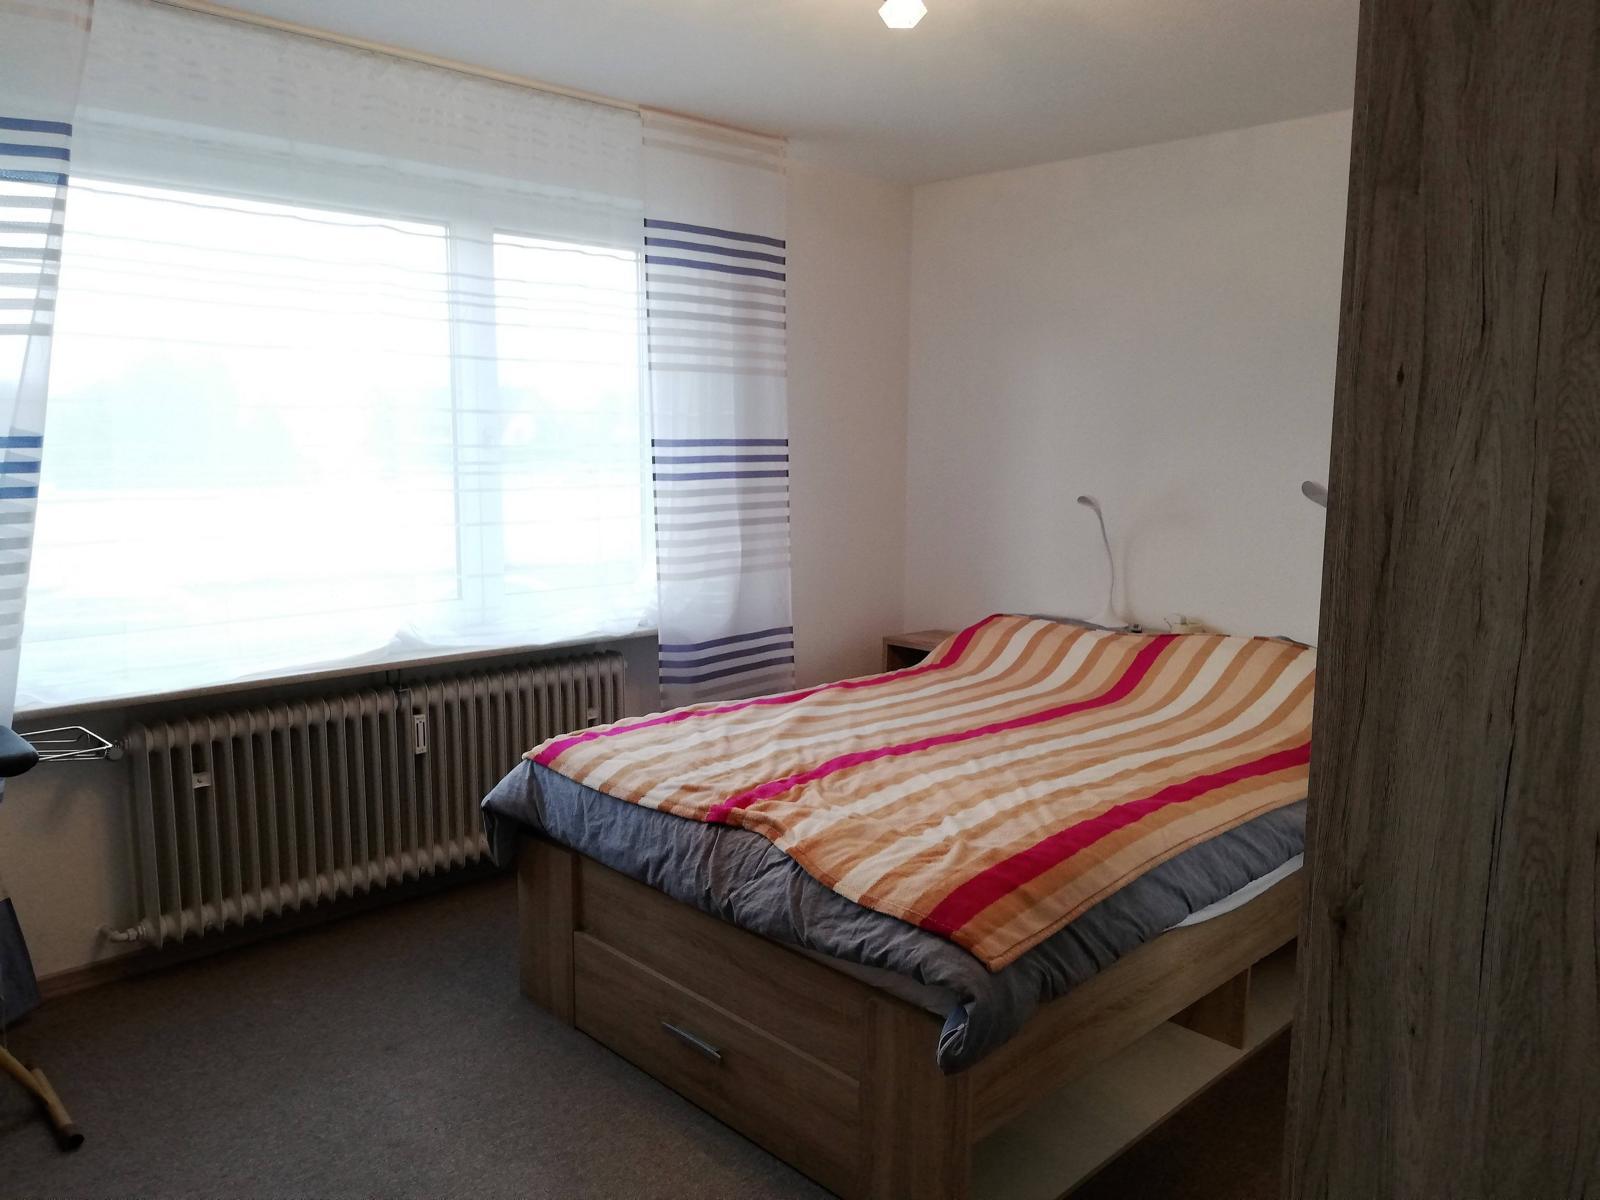 verkauft 3 zimmer wohnung in uhldingen m hlhofen zu. Black Bedroom Furniture Sets. Home Design Ideas